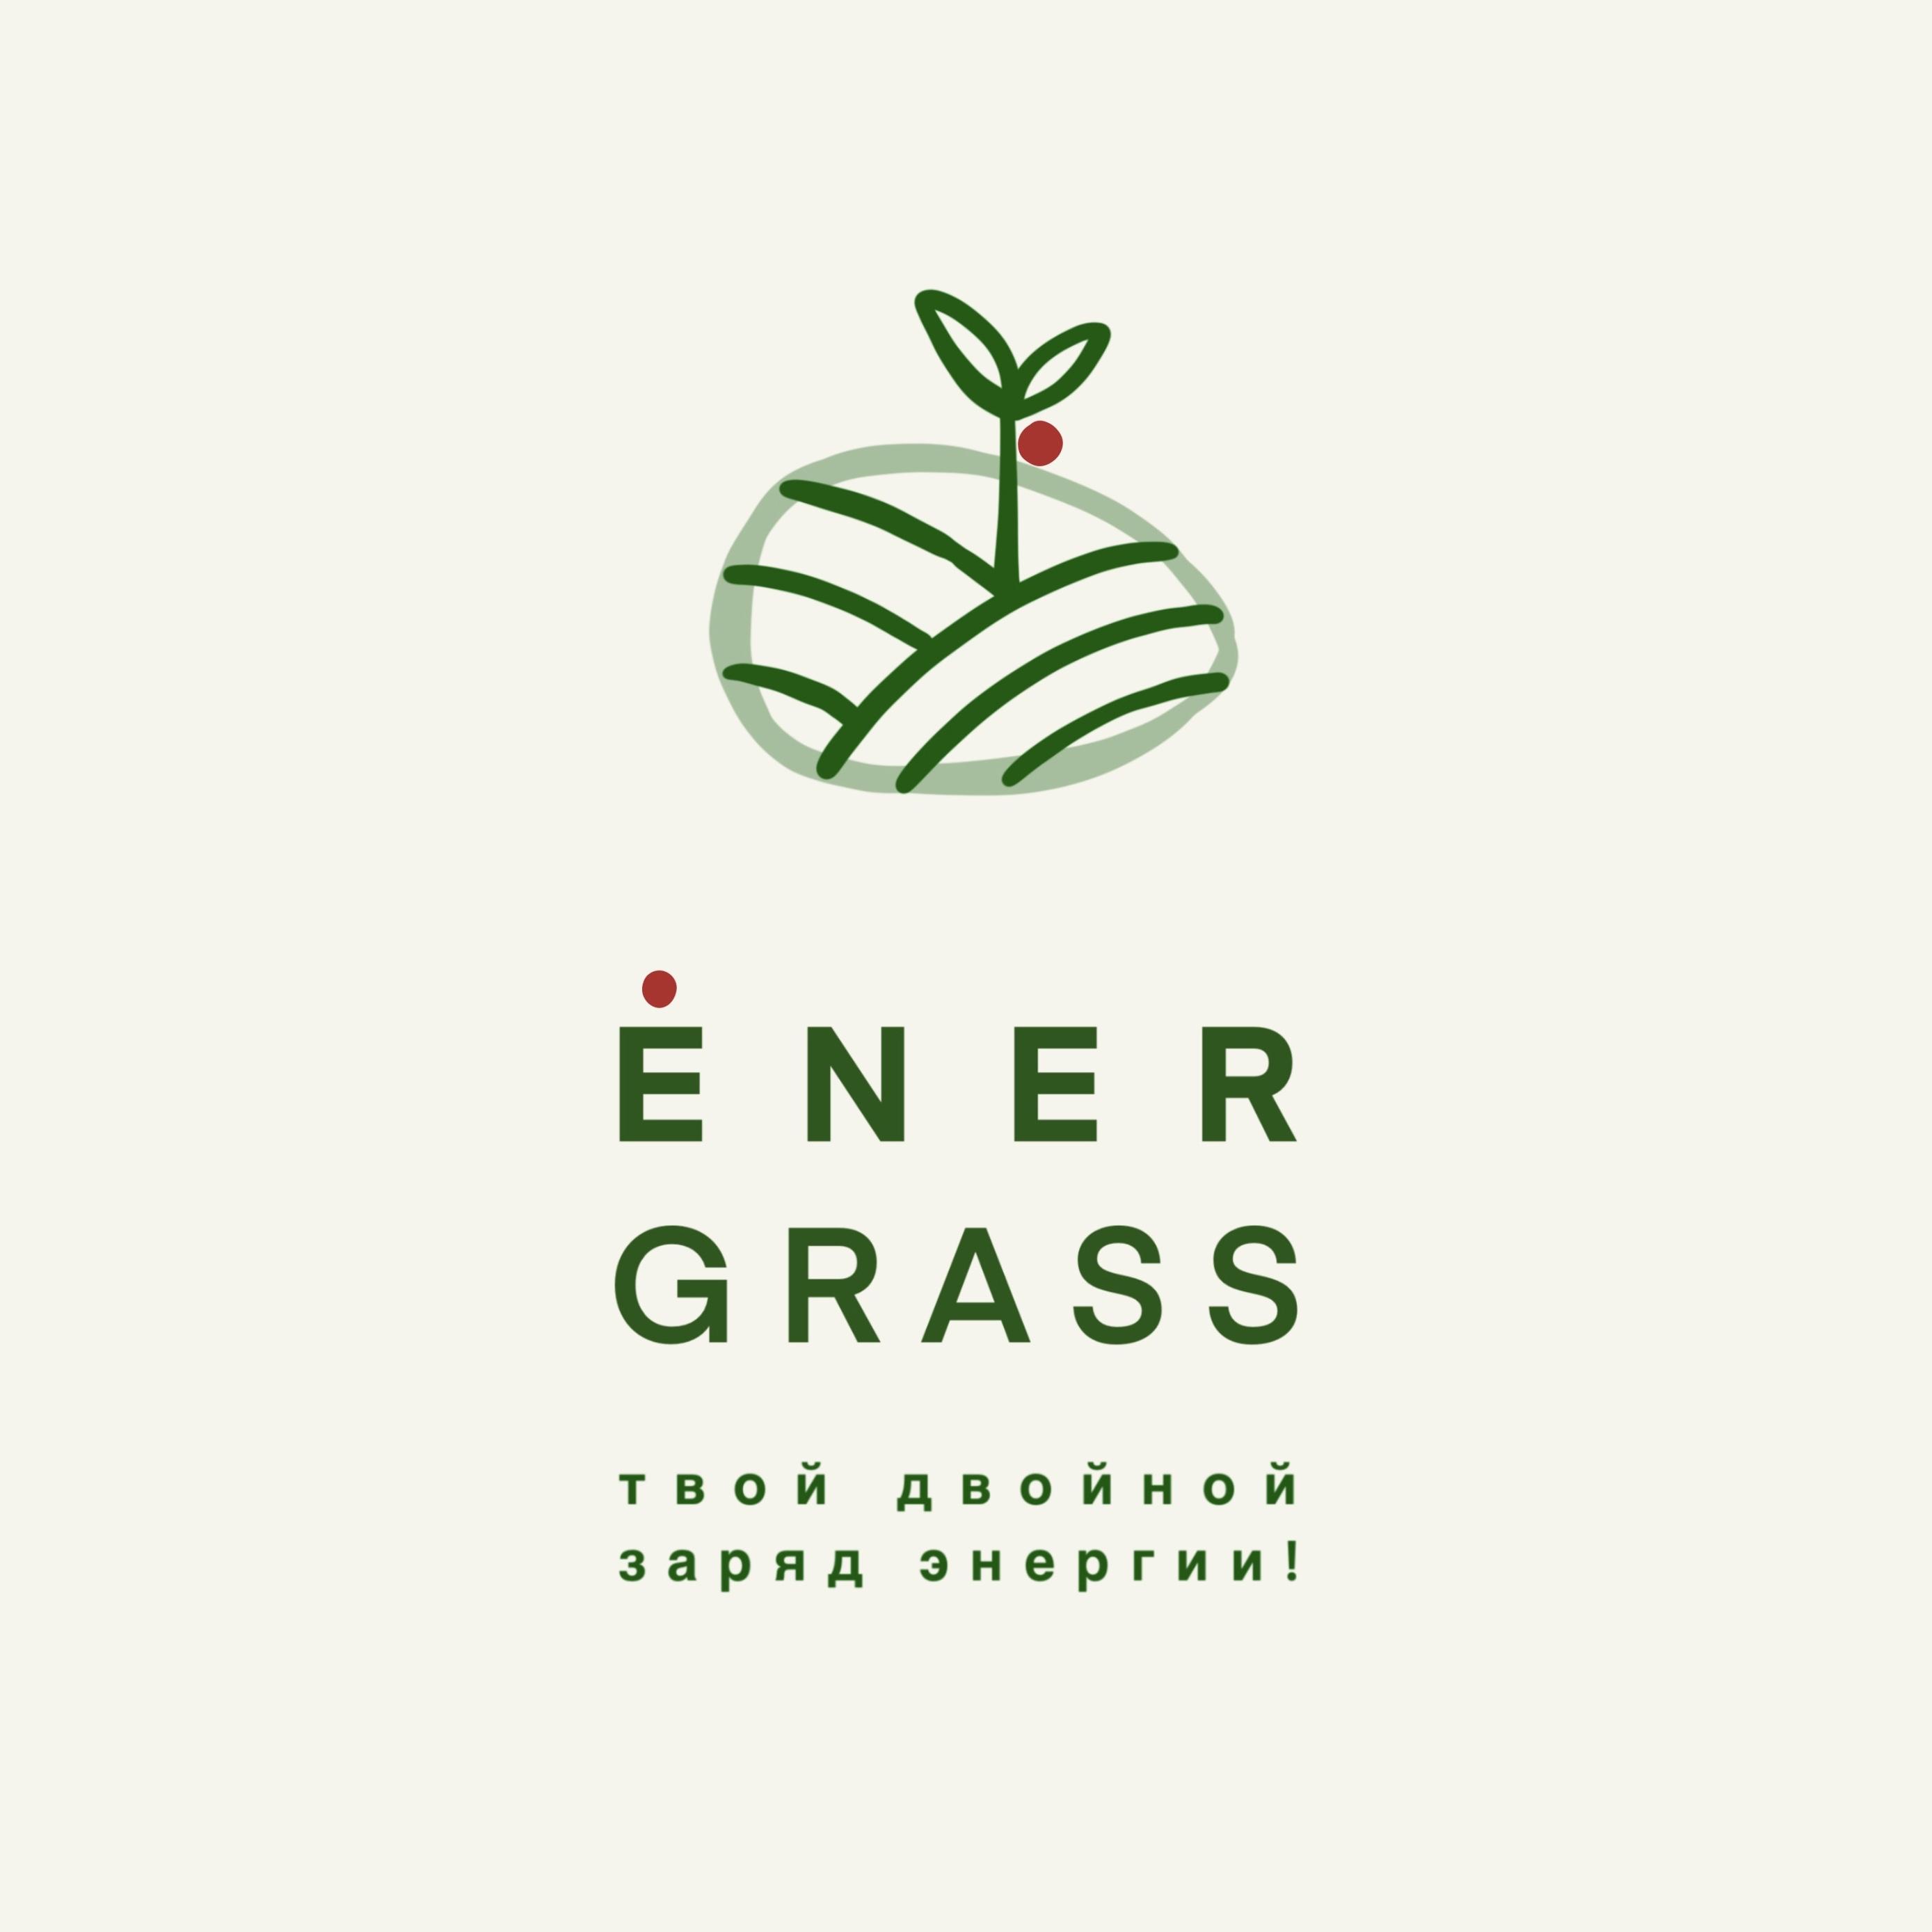 Графический дизайнер для создания логотипа Energrass. фото f_6445f8d9fd7cfb33.jpg